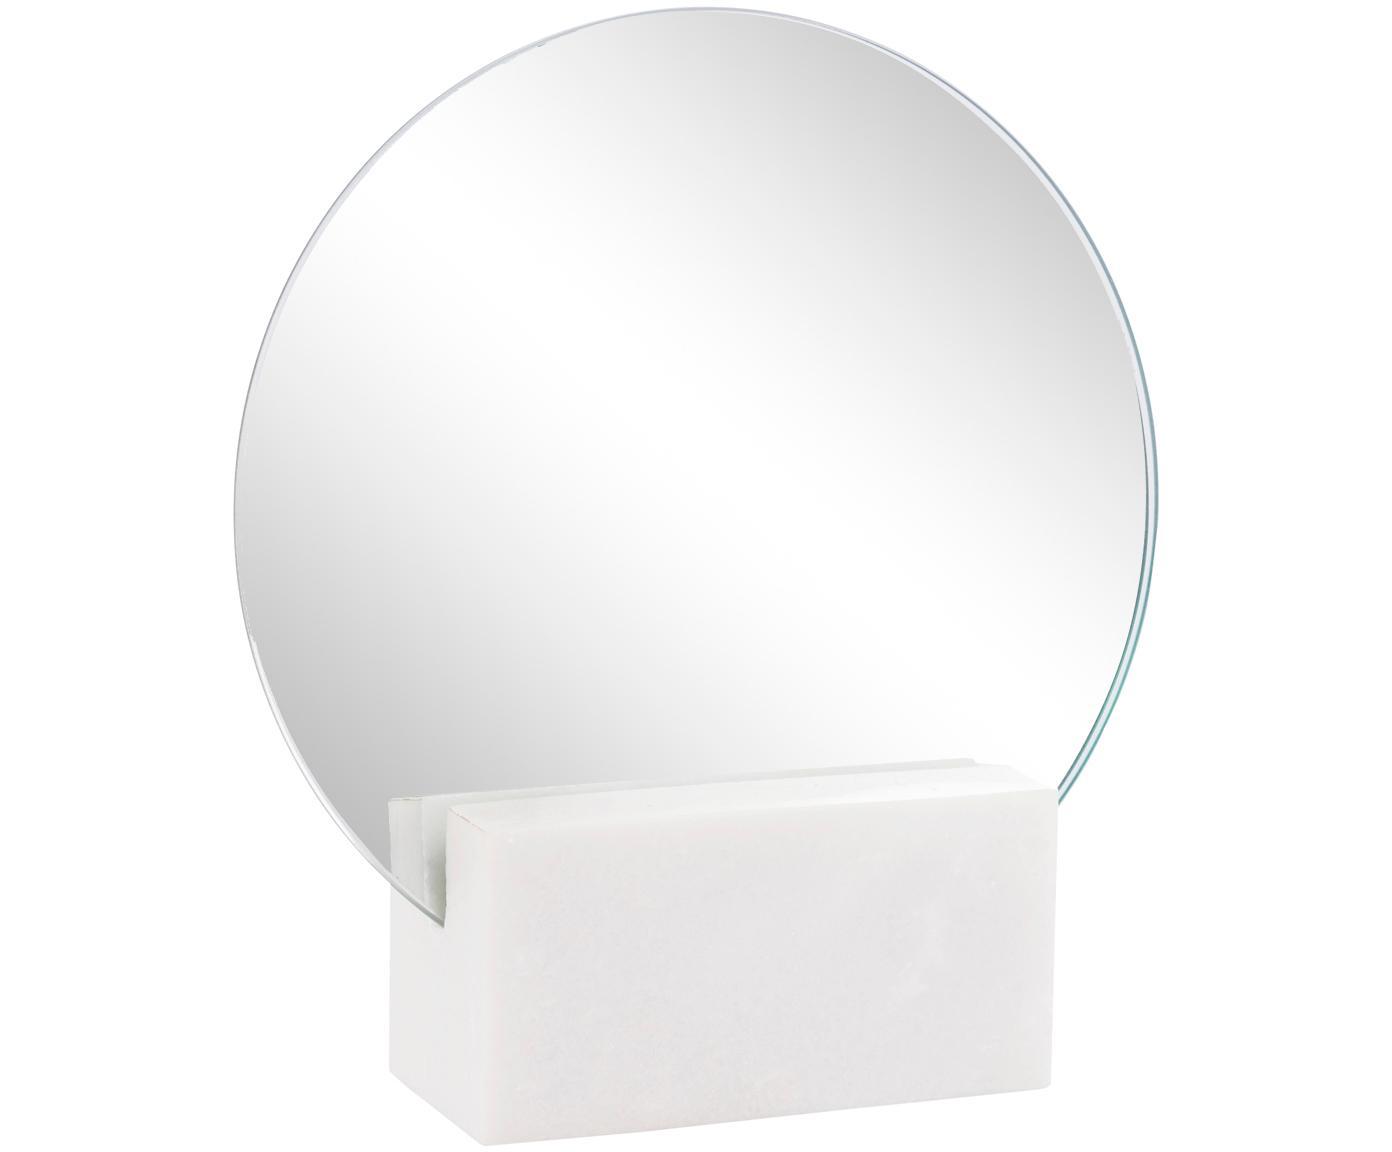 Kosmetikspiegel Humana, Spiegelfläche: Spiegelglas, Weiss, 17 x 19 cm